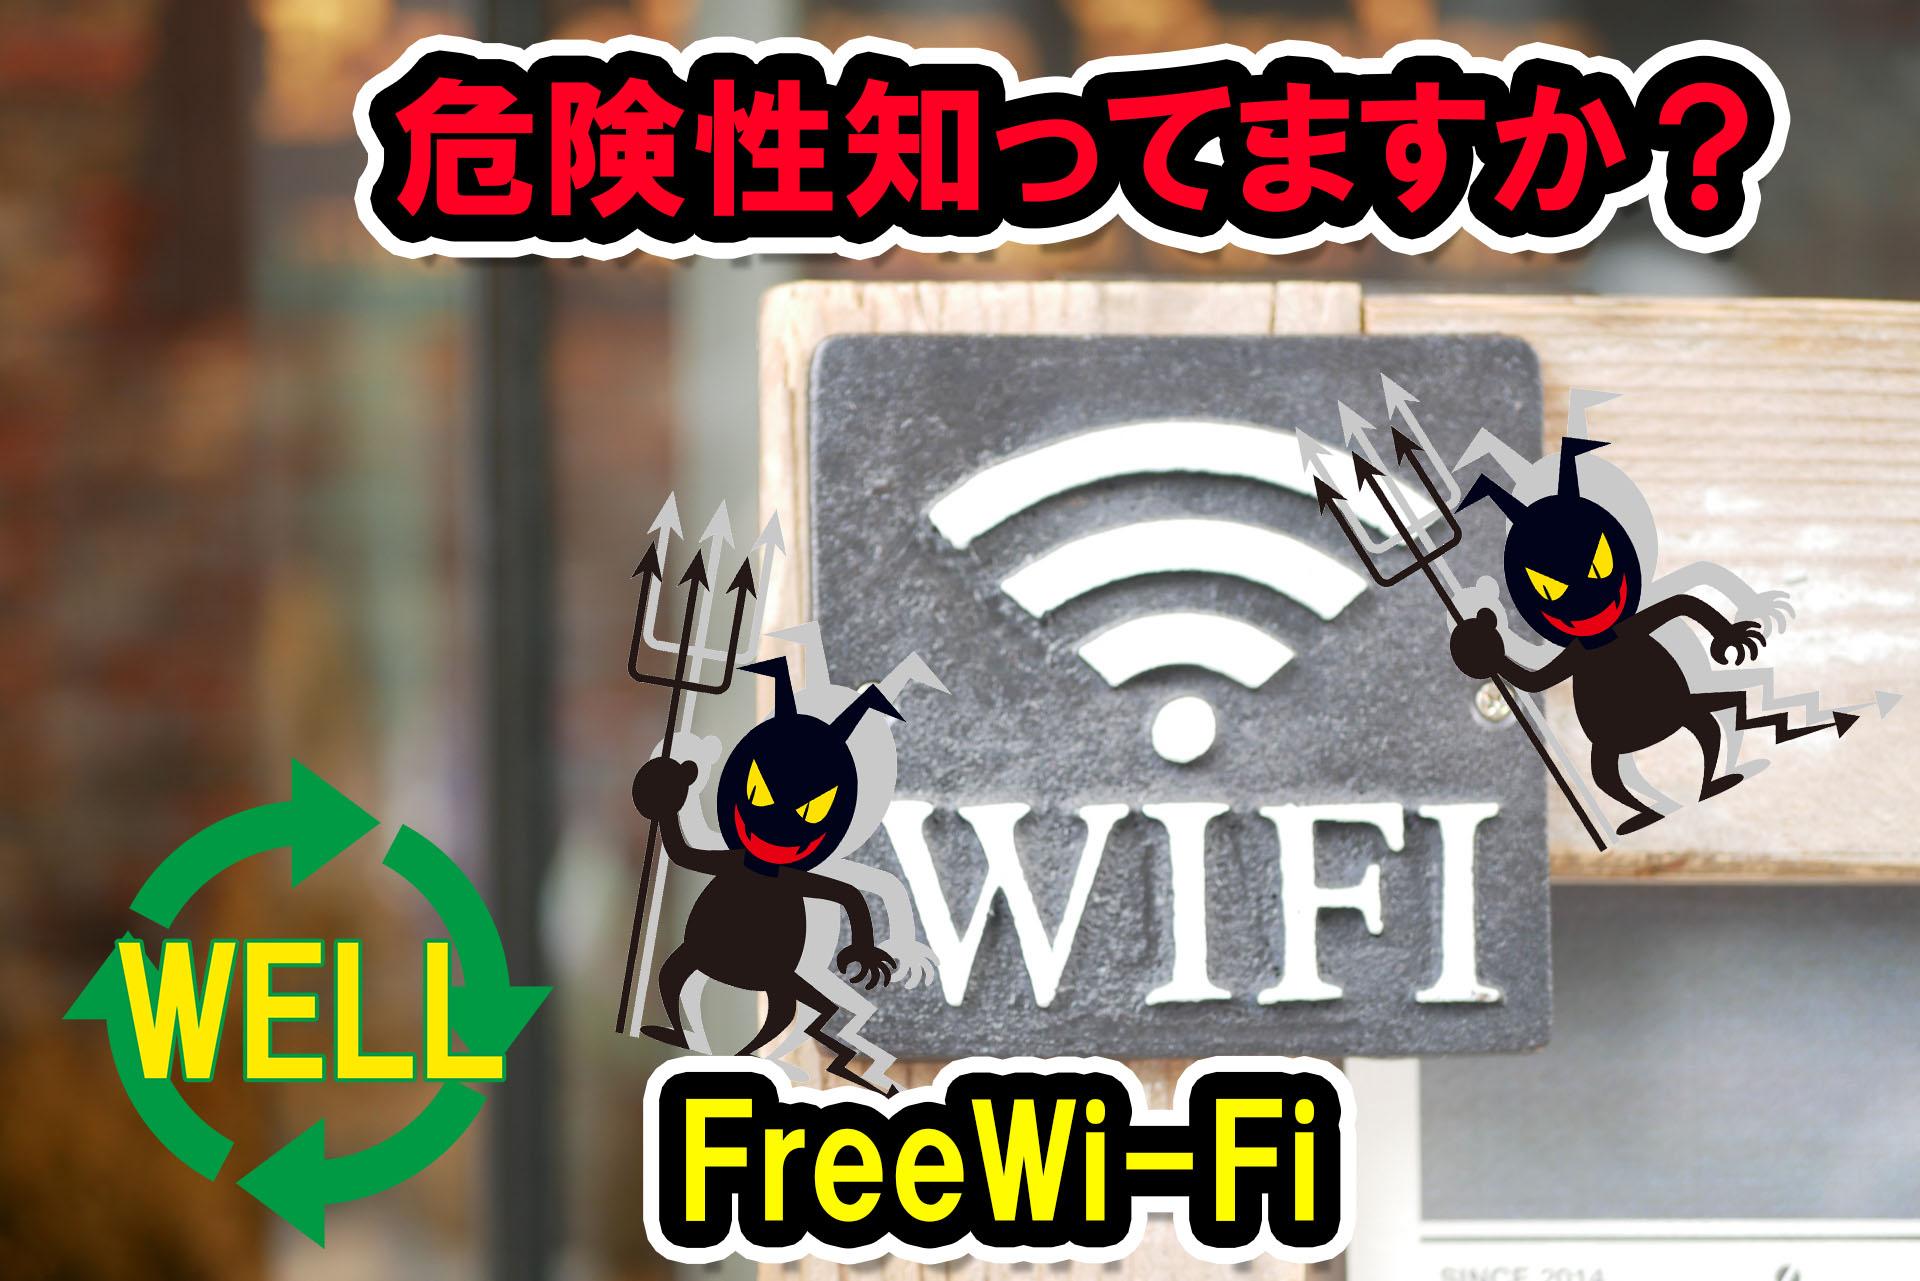 FreeWi-Fiに潜むワナ。悪魔の双子が狙っている。情報を悪用される前にチェックしてください。